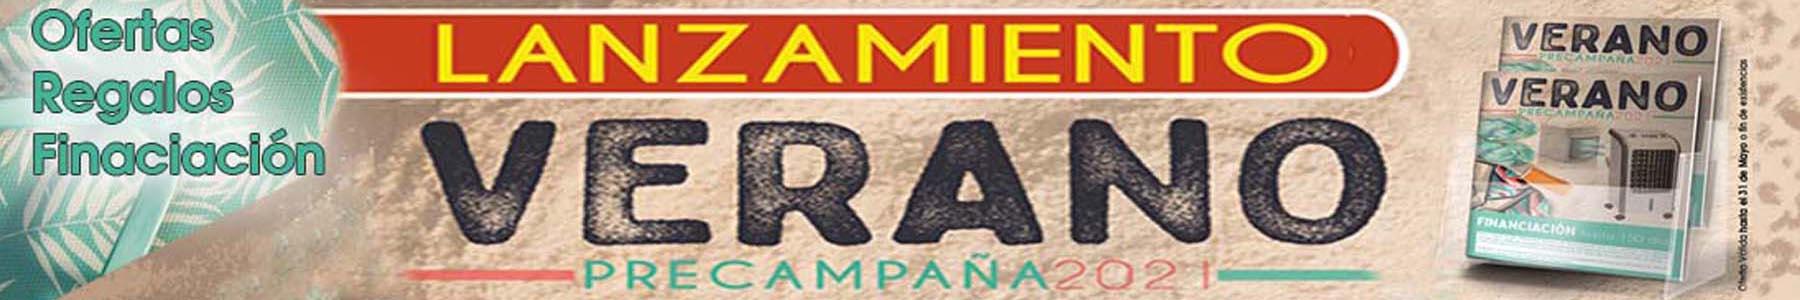 Banner_verano2